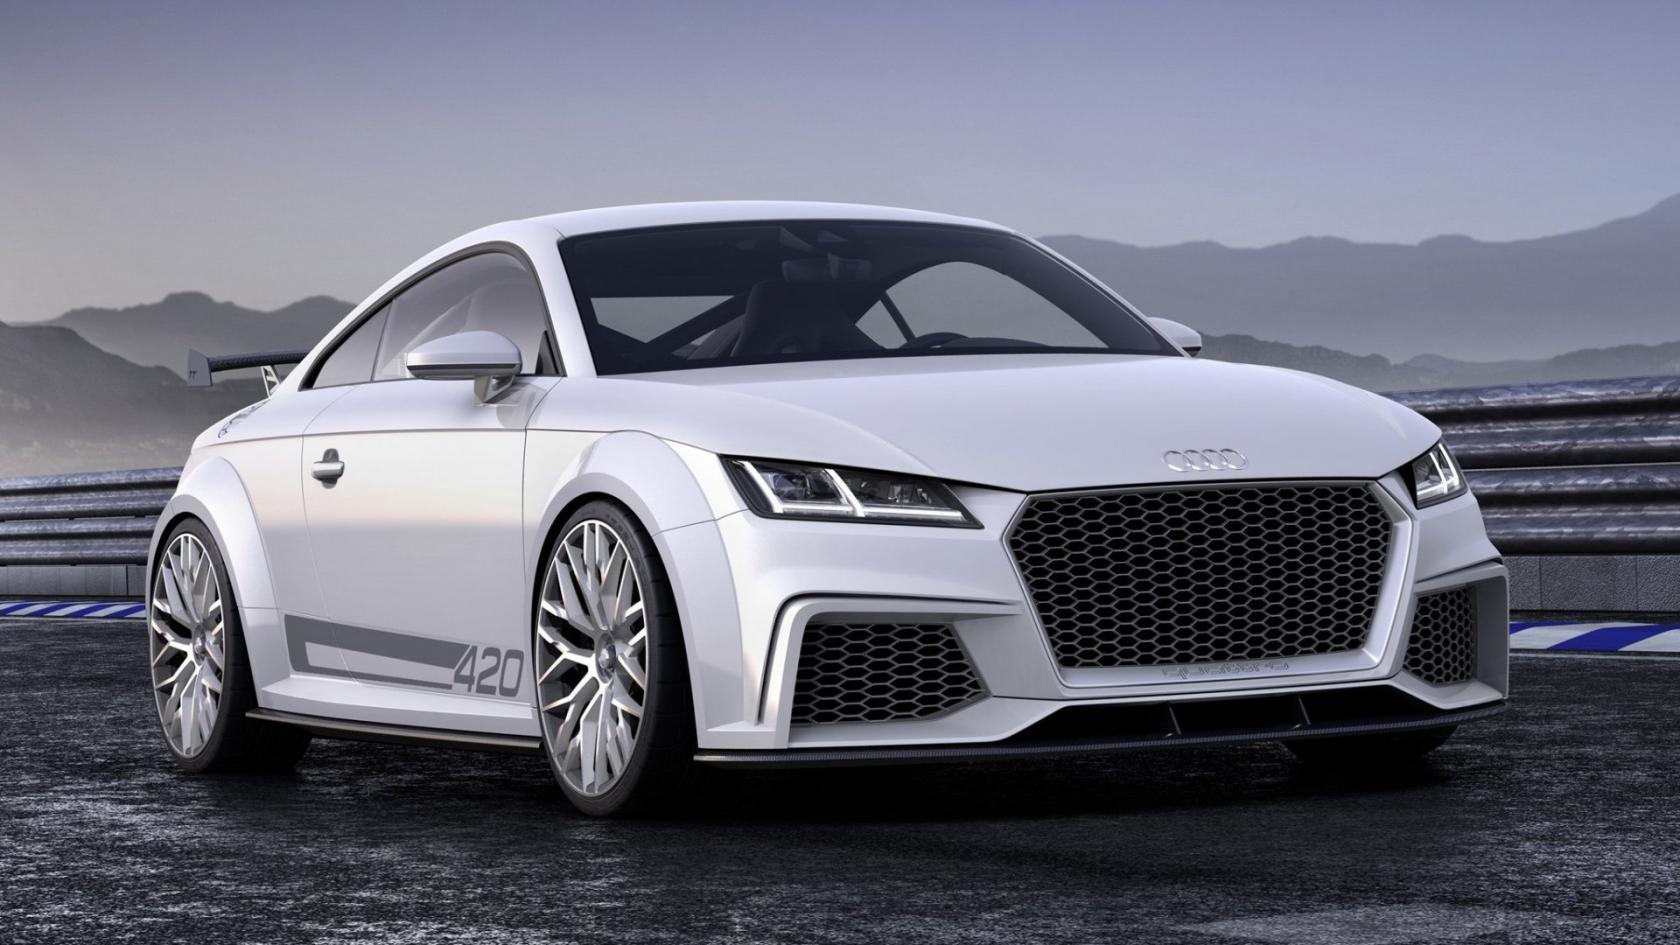 Technologie-Audi-Quattro-2